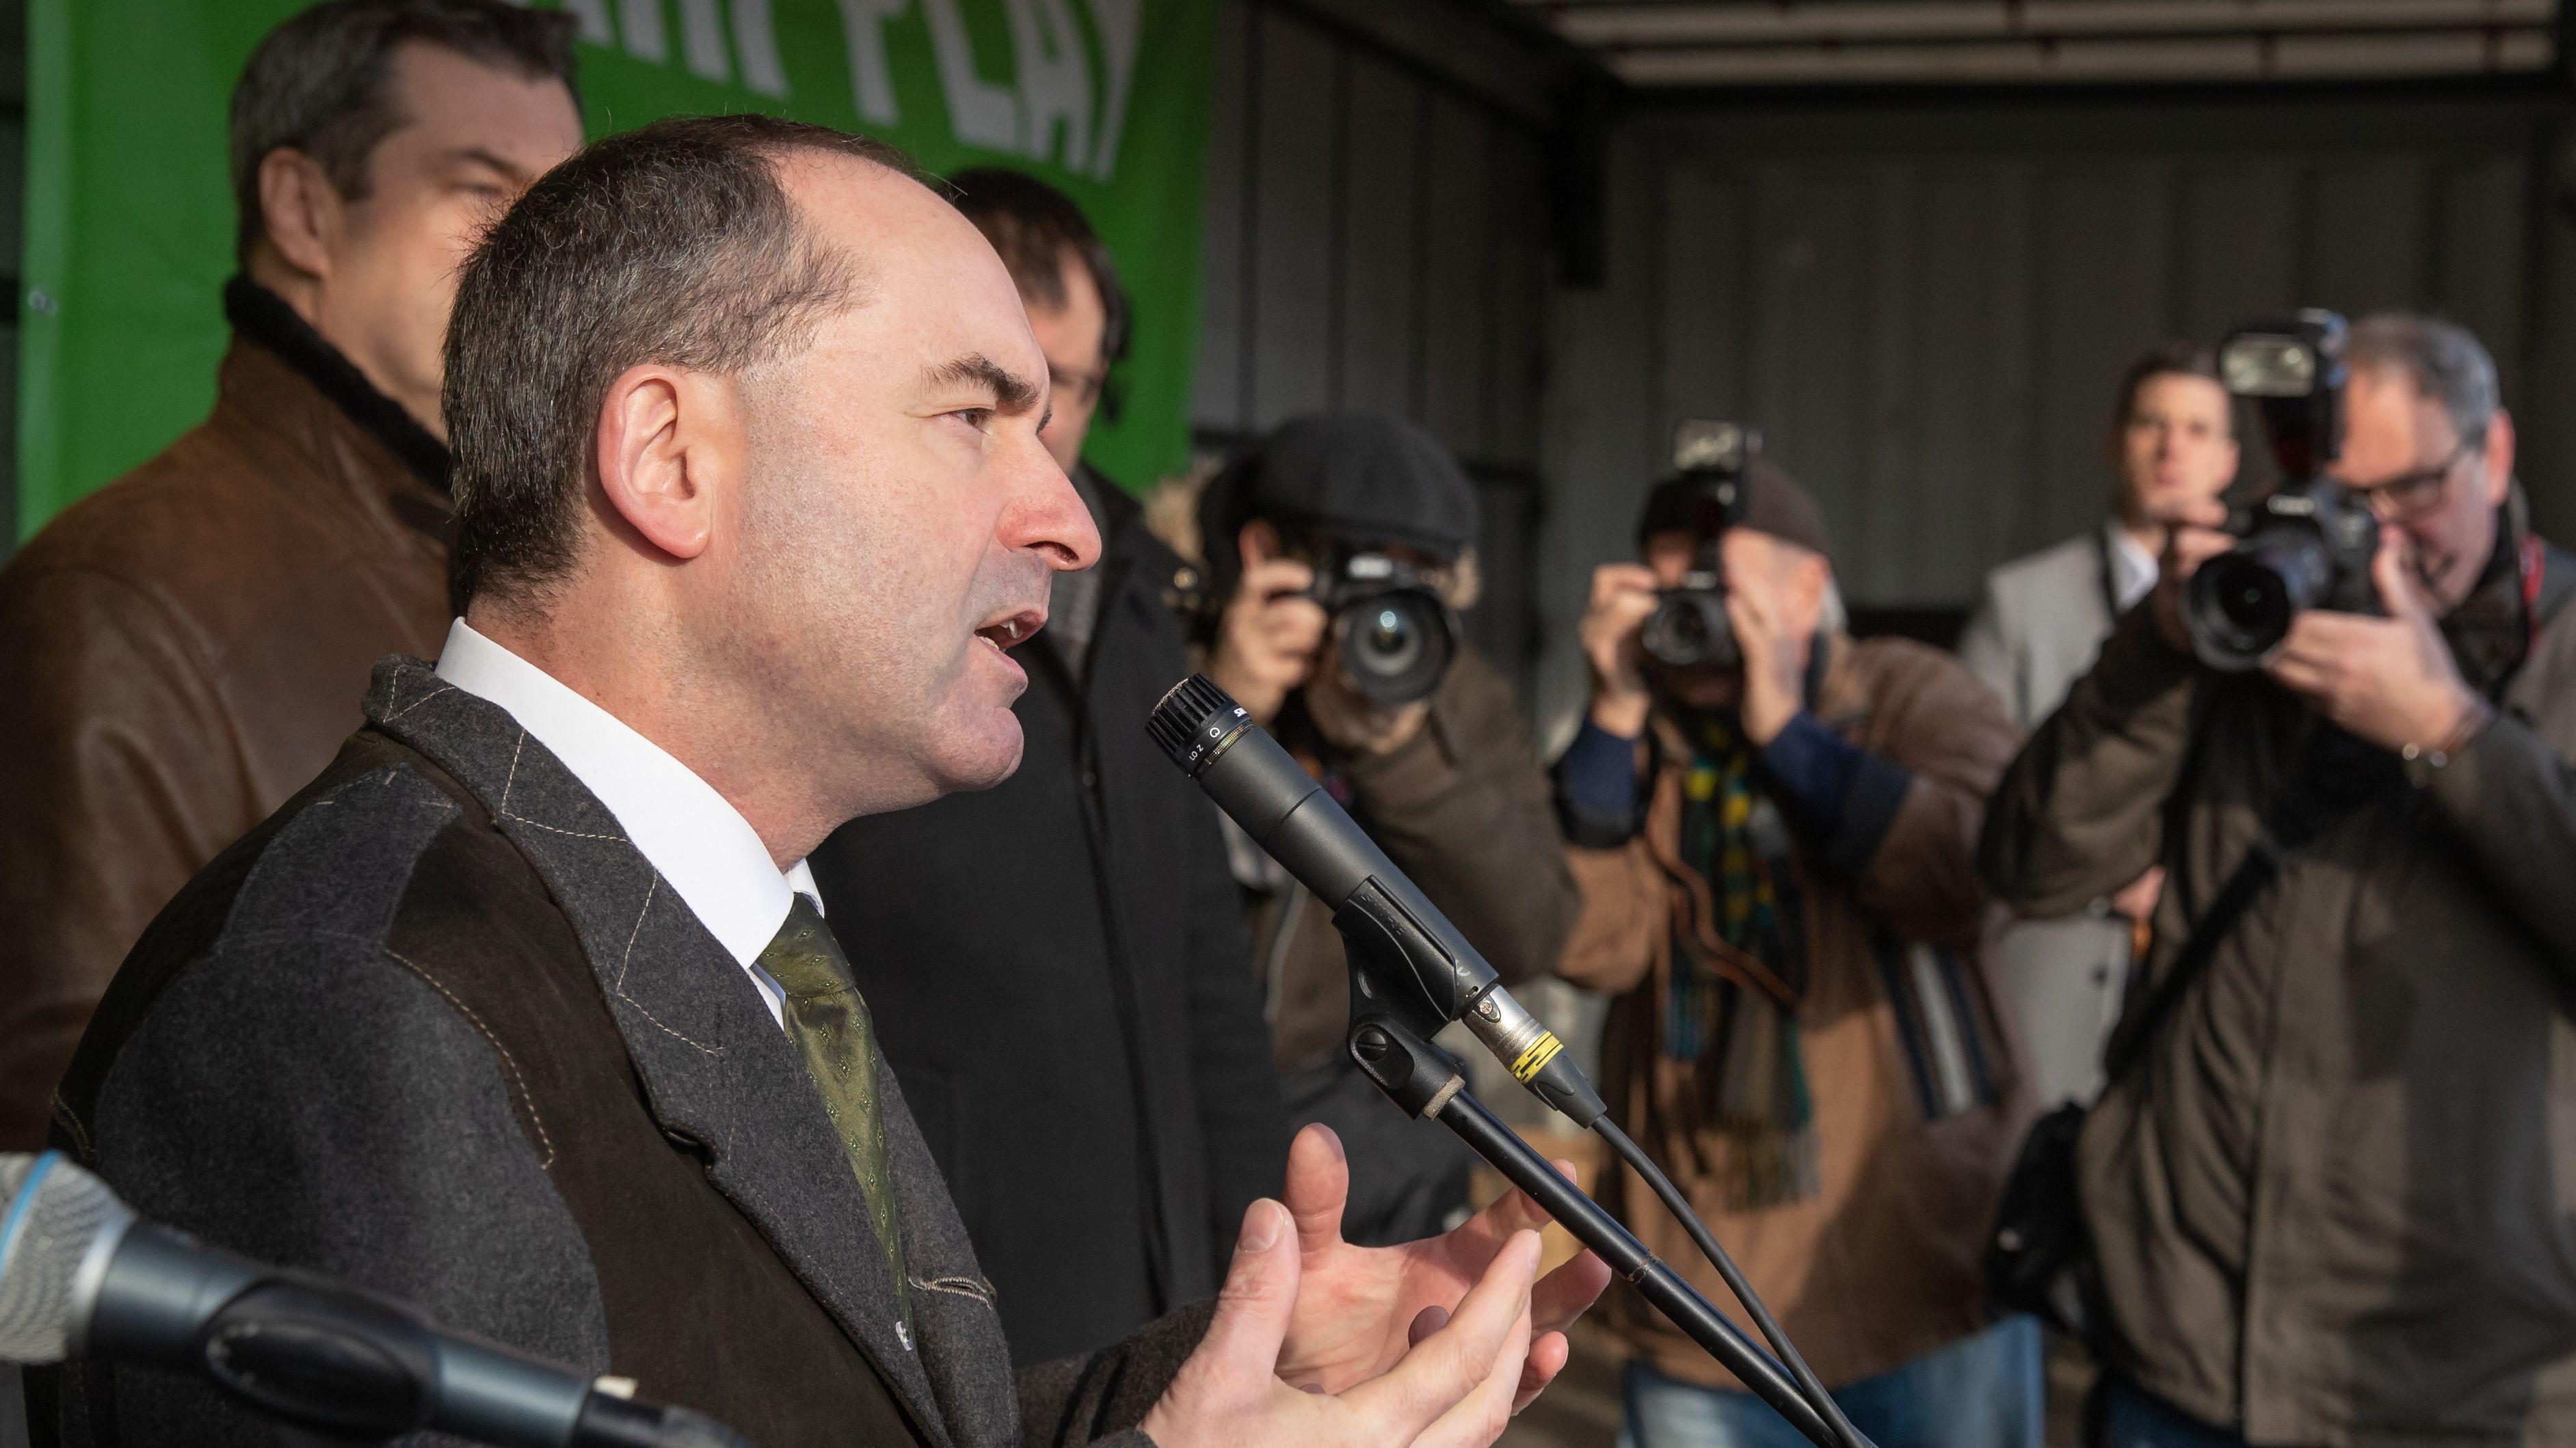 Hubert Aiwanger (Freie Wähler), Wirtschaftsminister von Bayern, spricht auf einer Großdemonstration.